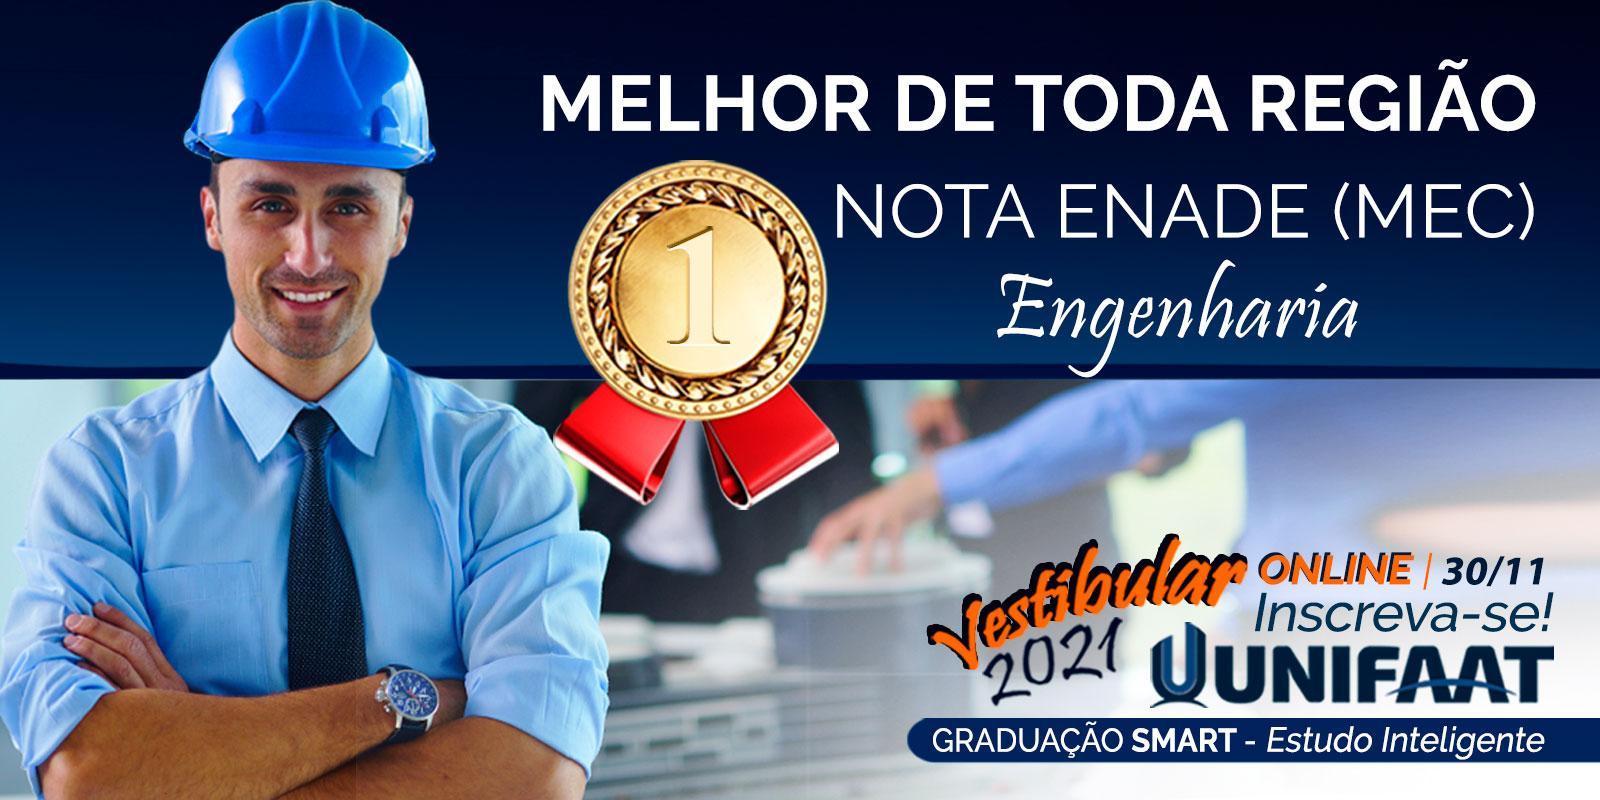 Resultado do Enade coloca novamente a UNIFAAT no ranking de excelência em ensino superior